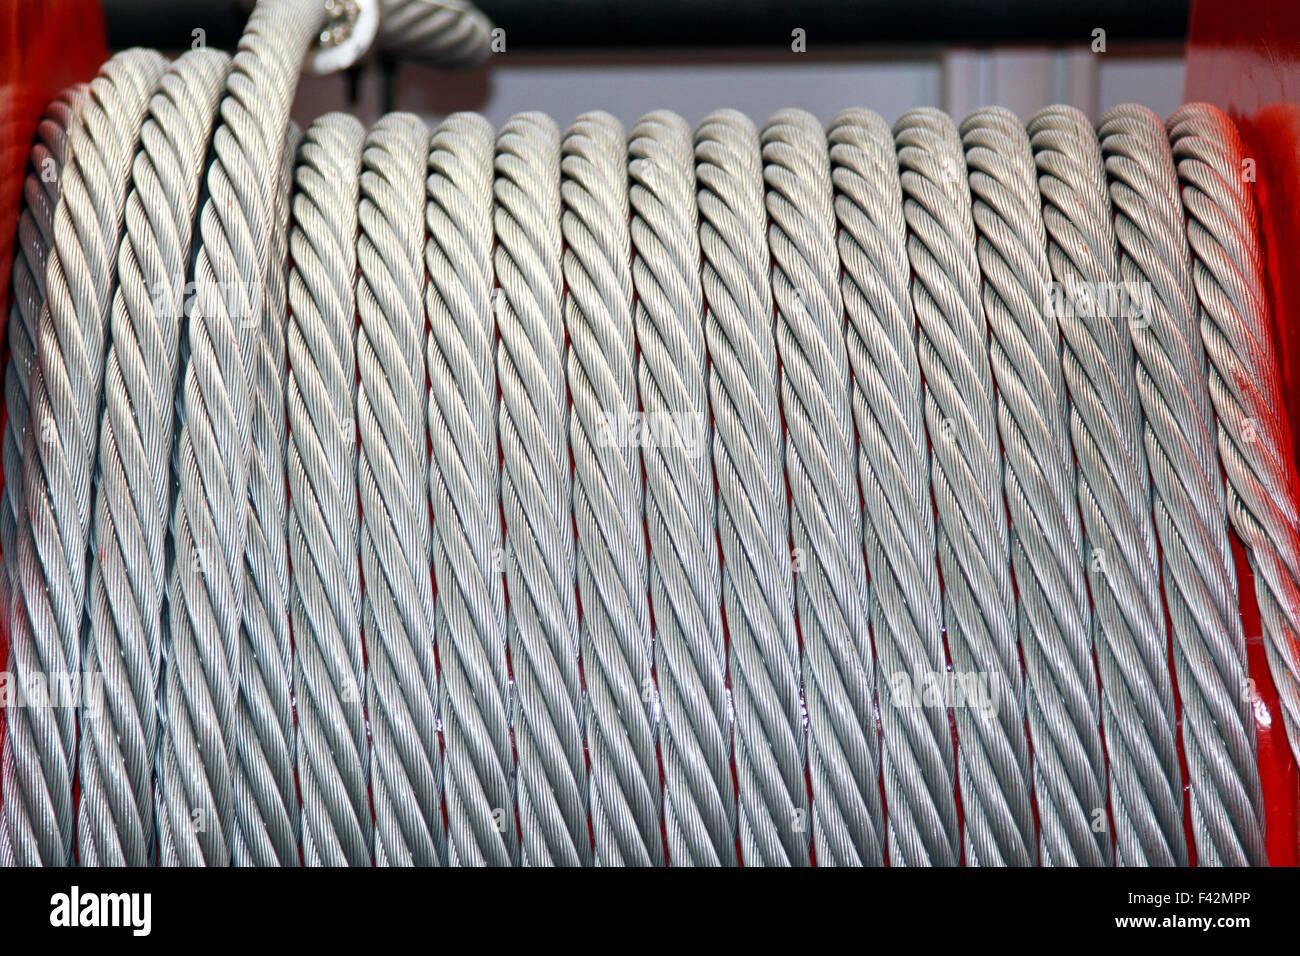 Charmant 4x4x14 Kabel Galerie - Die Besten Elektrischen Schaltplan ...